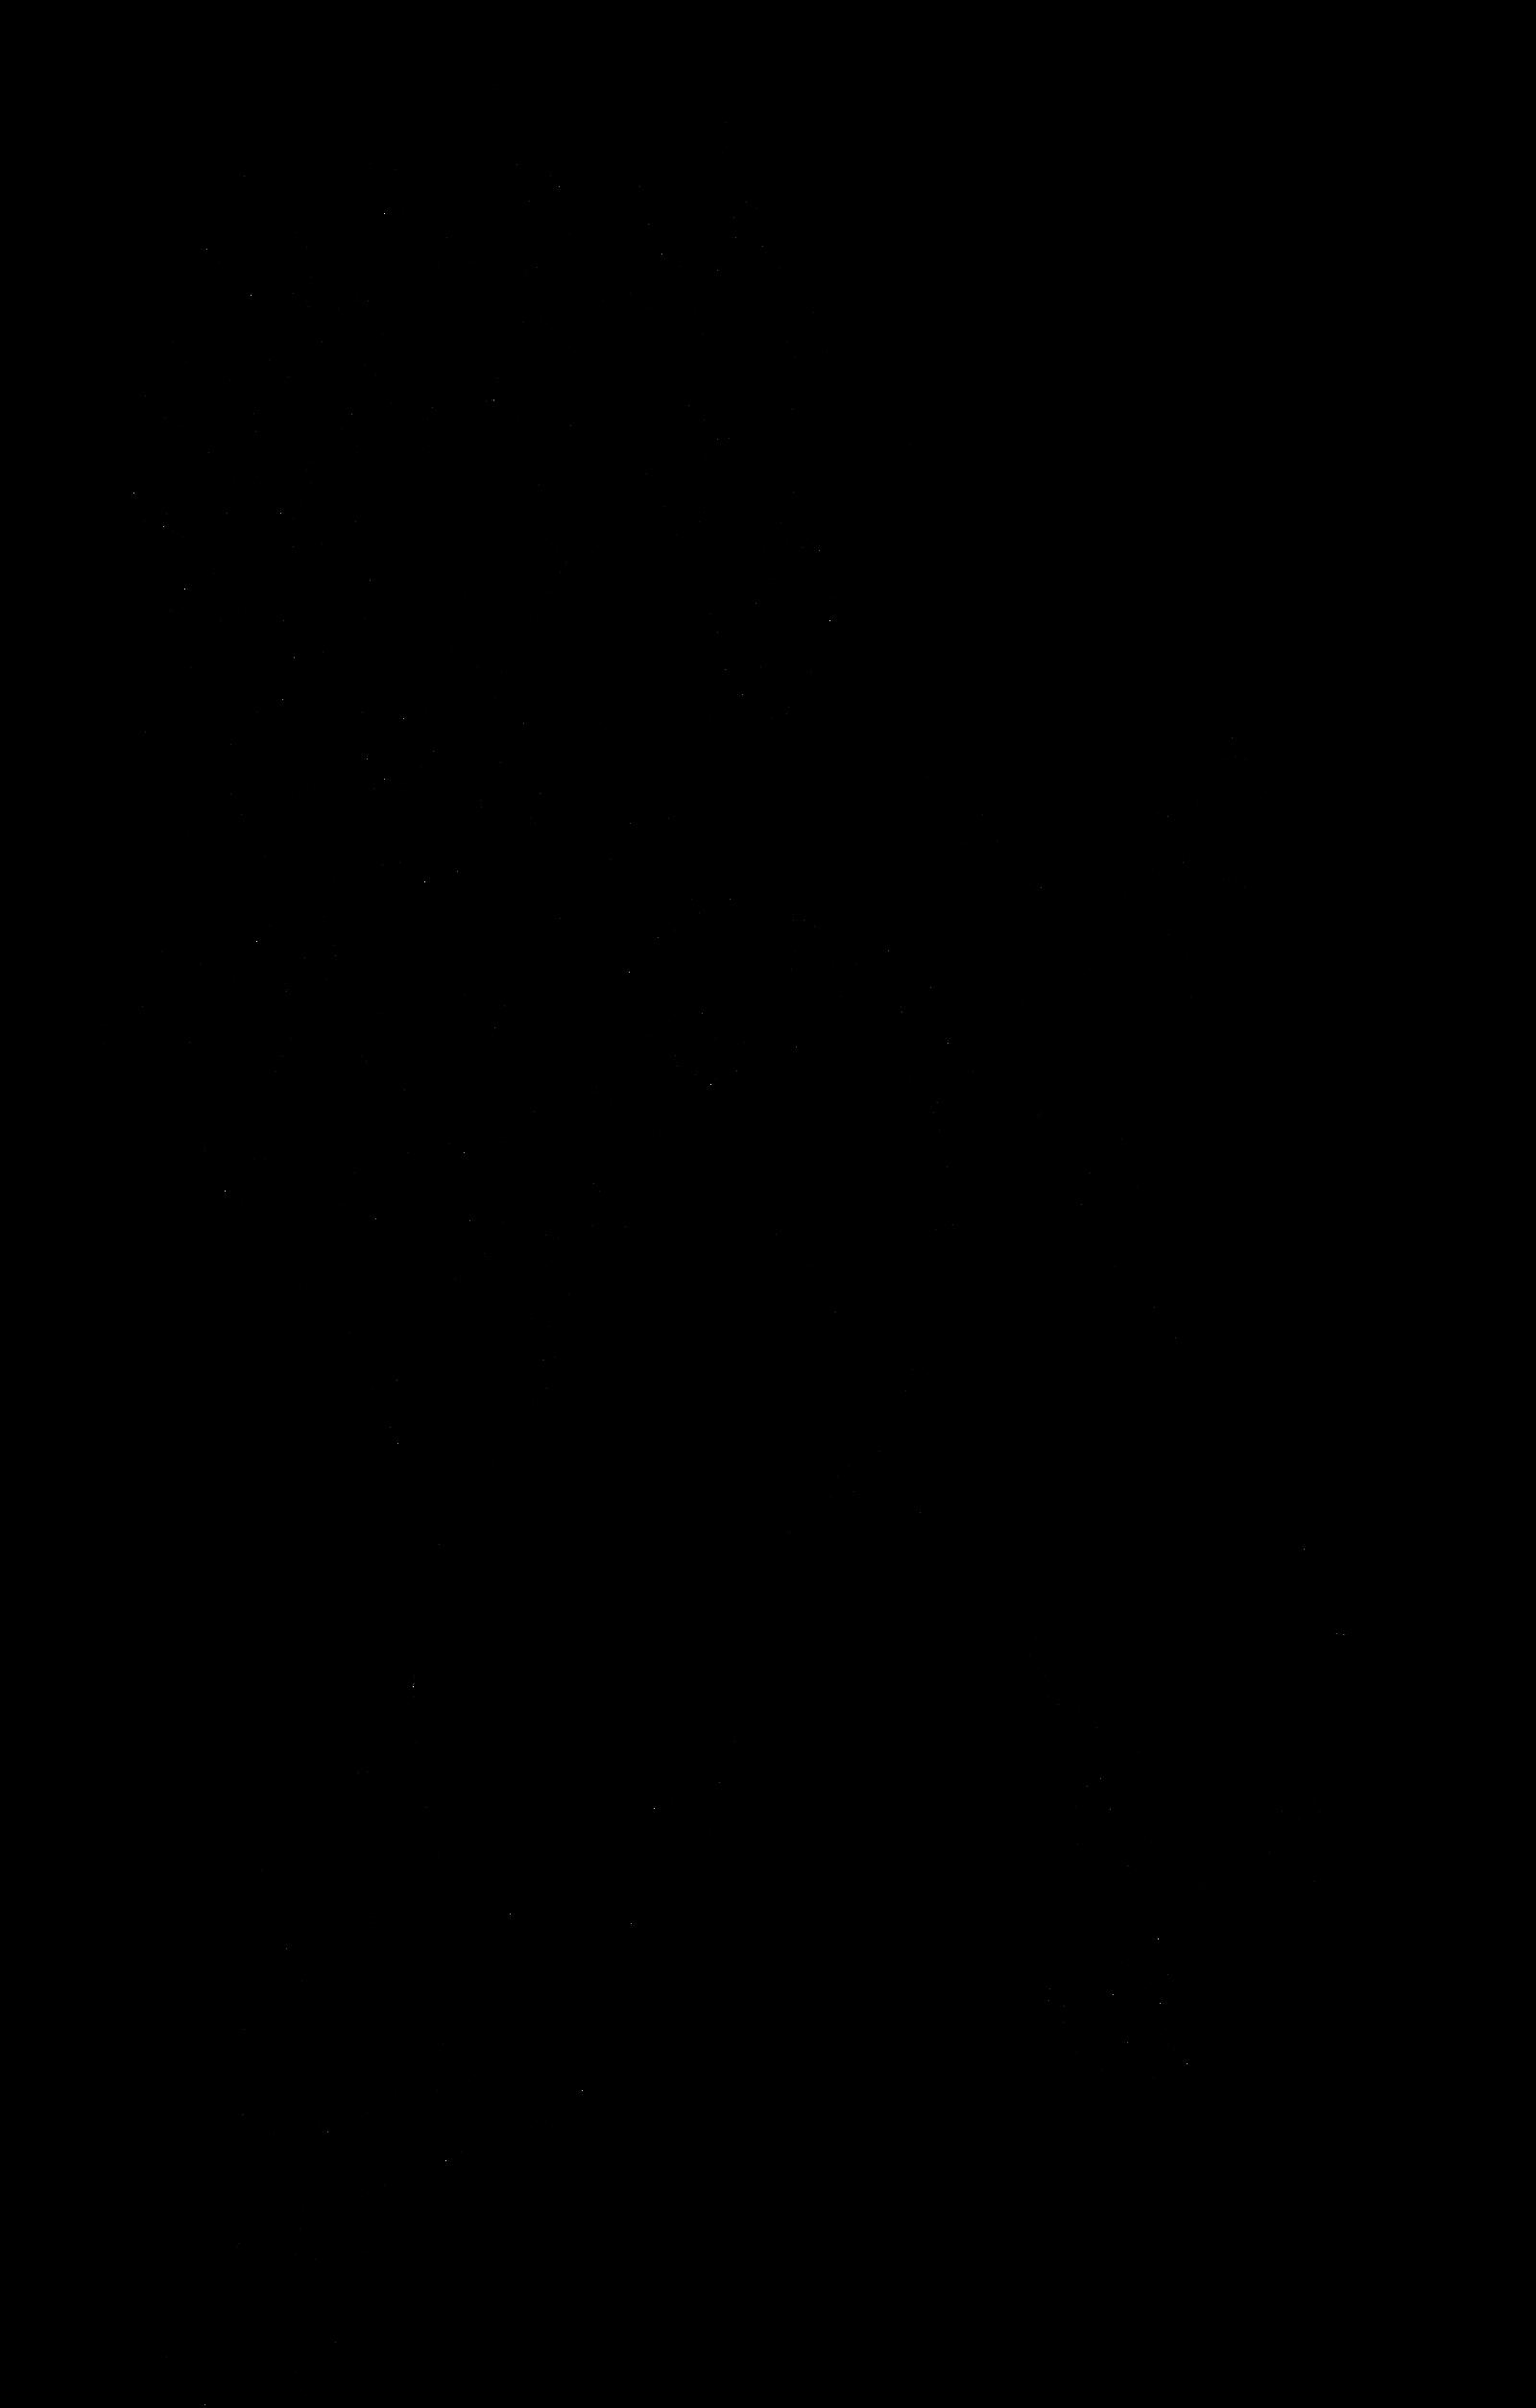 teen gohan super saiyan 3 lineart by jamalc157 on deviantart